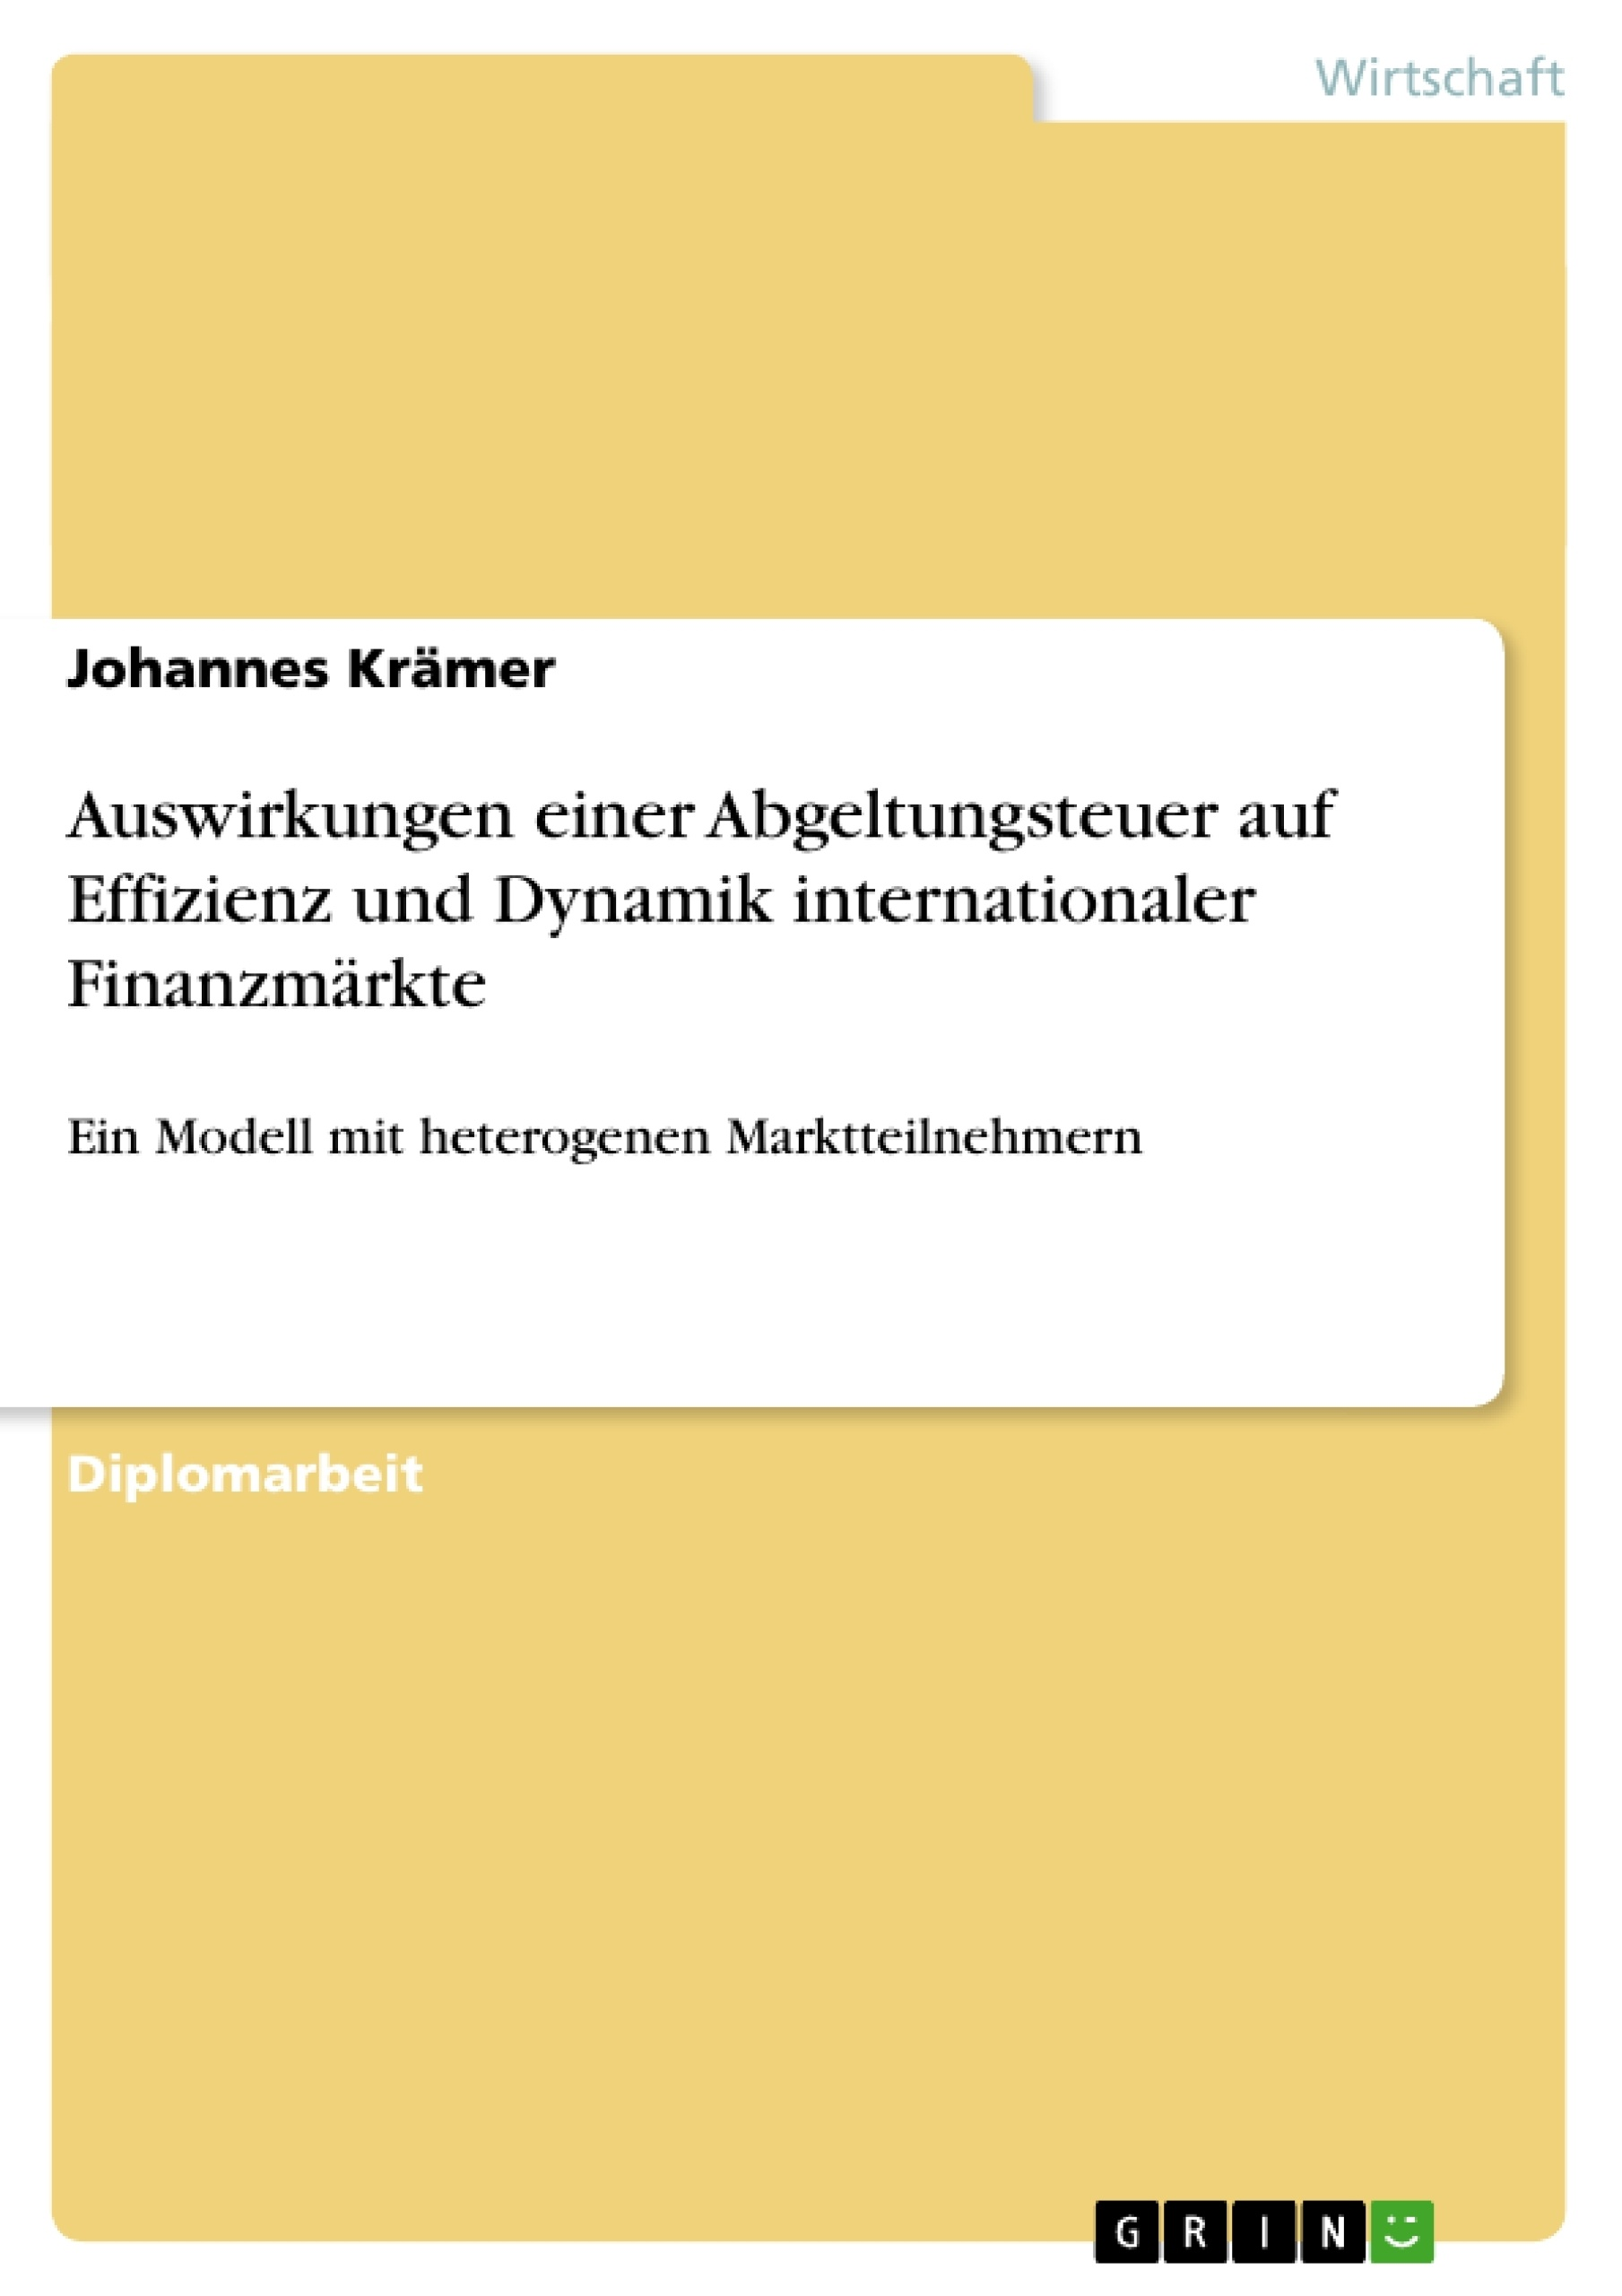 Titel: Auswirkungen einer Abgeltungsteuer auf Effizienz und Dynamik internationaler Finanzmärkte